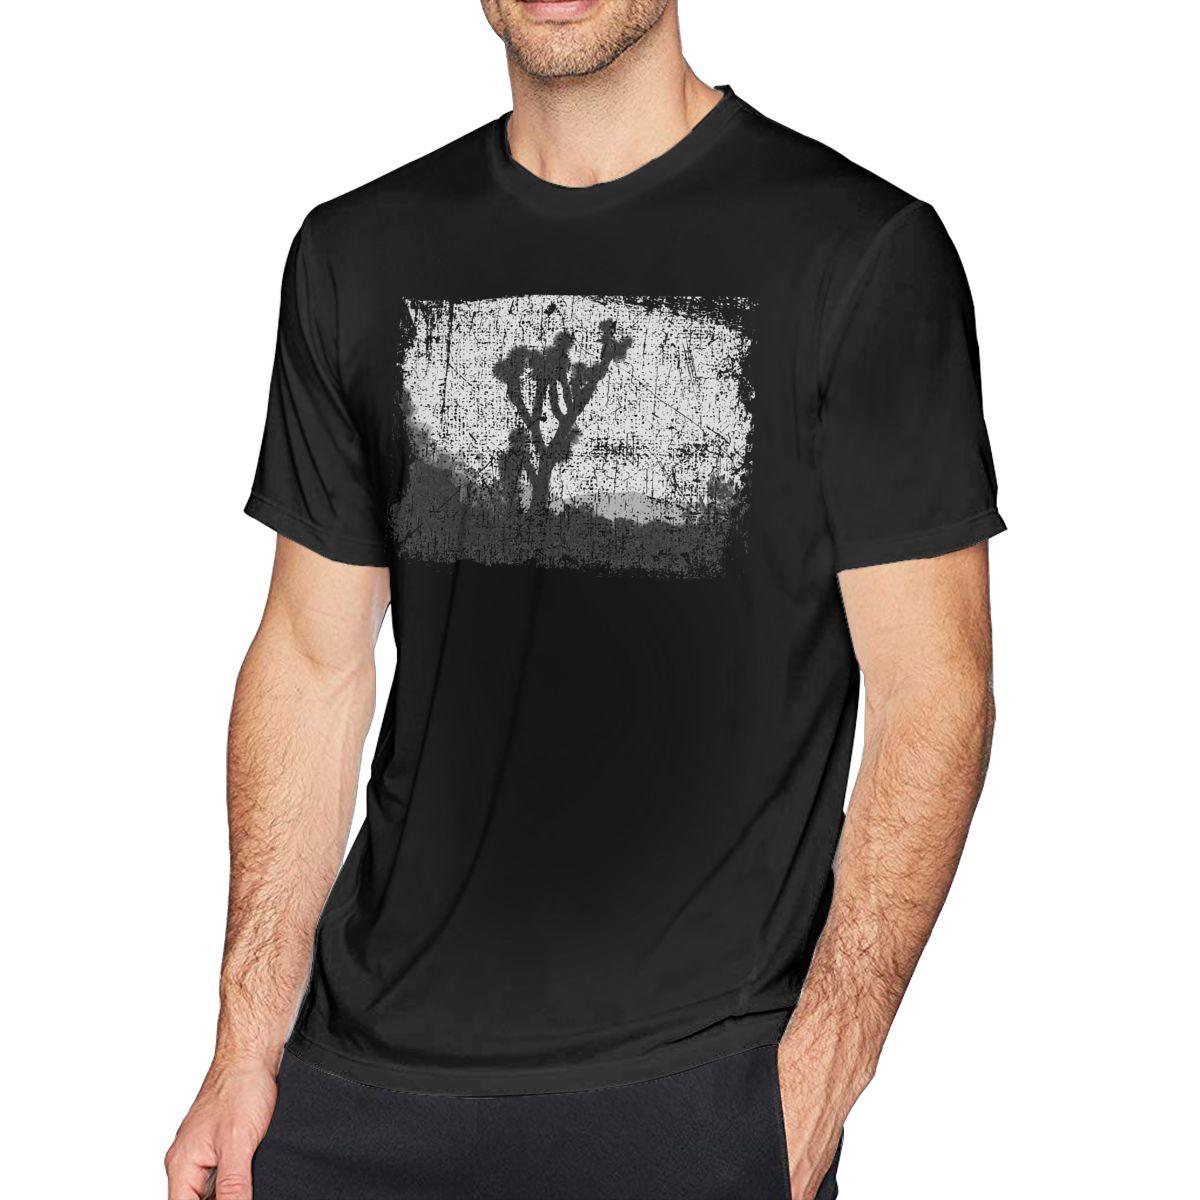 Дерево футболка Джошуа Футболка мужская размера плюс футболка, хлопковая футболка с короткими рукавами и принтом персонажей пляж с милыми ...